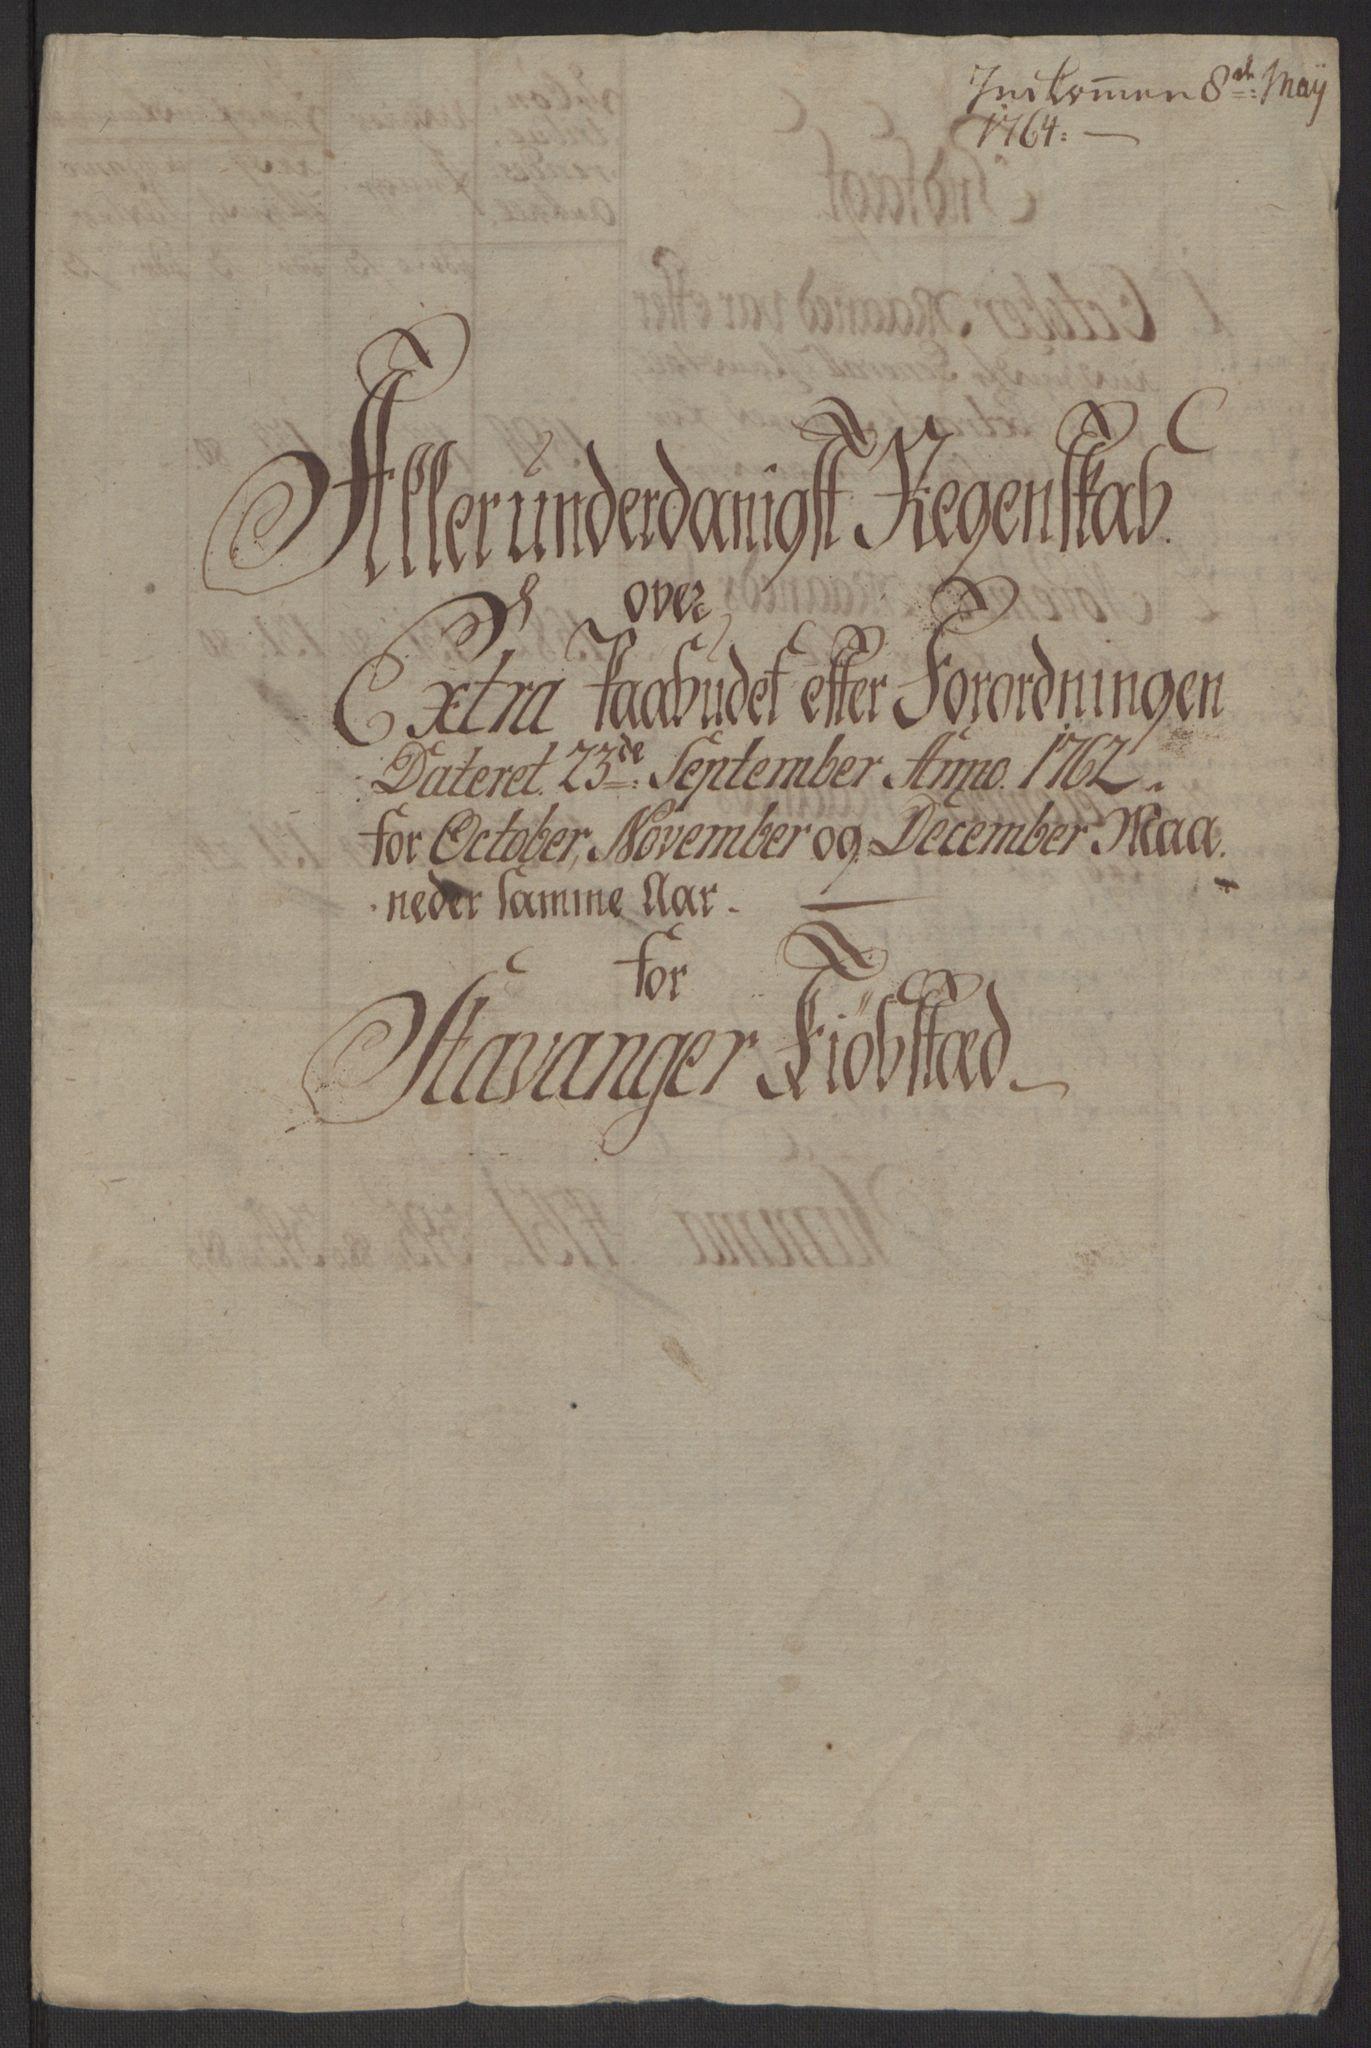 RA, Rentekammeret inntil 1814, Reviderte regnskaper, Byregnskaper, R/Ro/L0305: [O6] Kontribusjonsregnskap, 1762-1768, s. 6